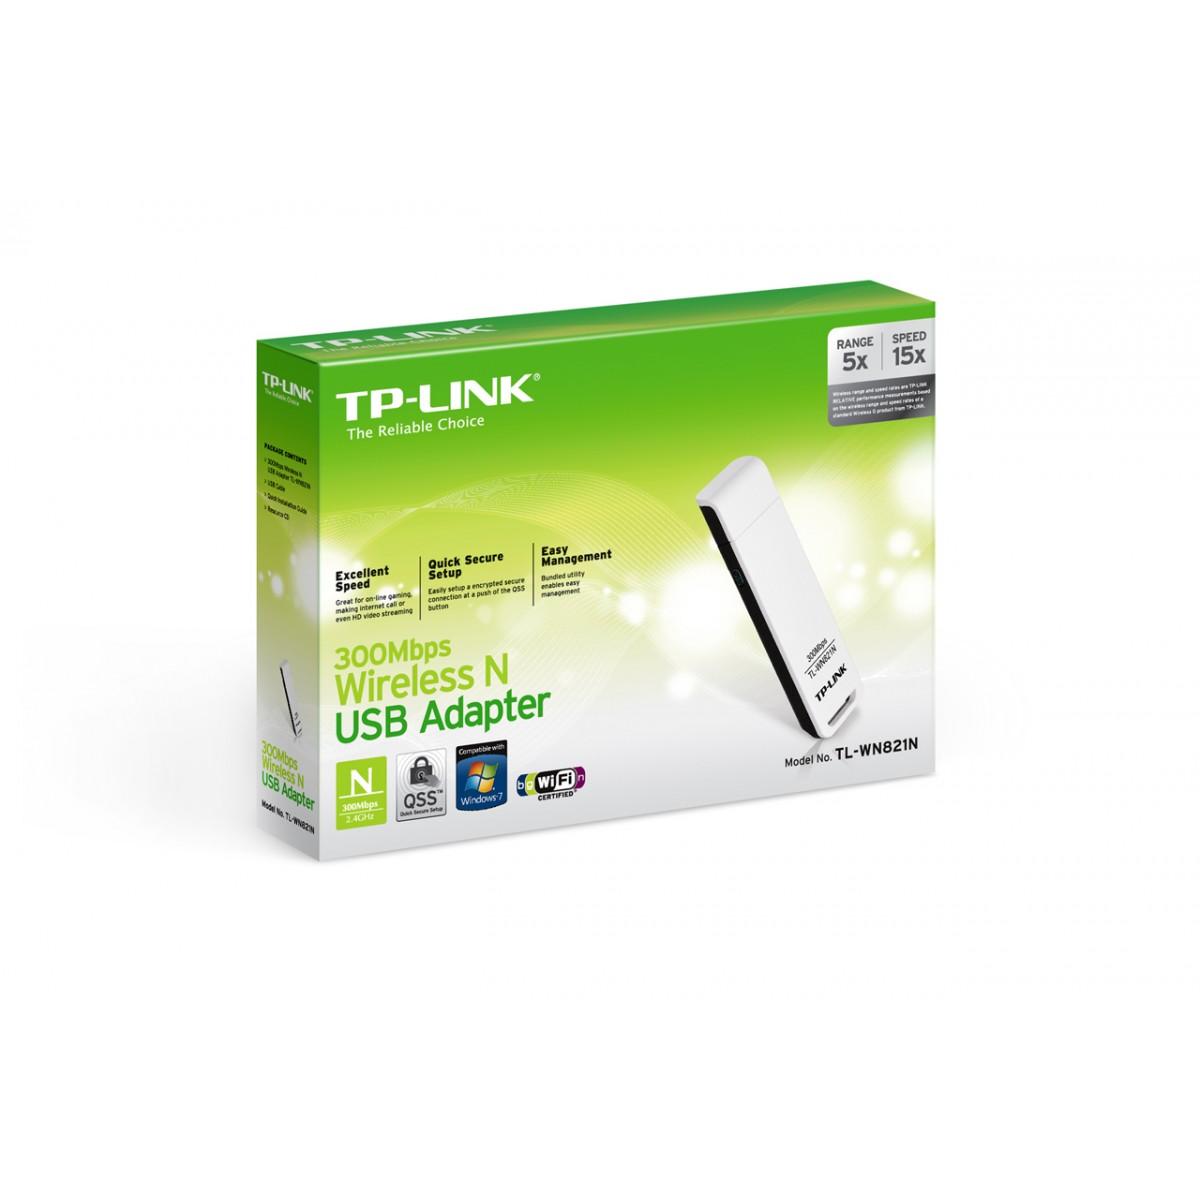 Adaptador Wireless USB TL-WN821N 300Mbps 802.11n - Tplink